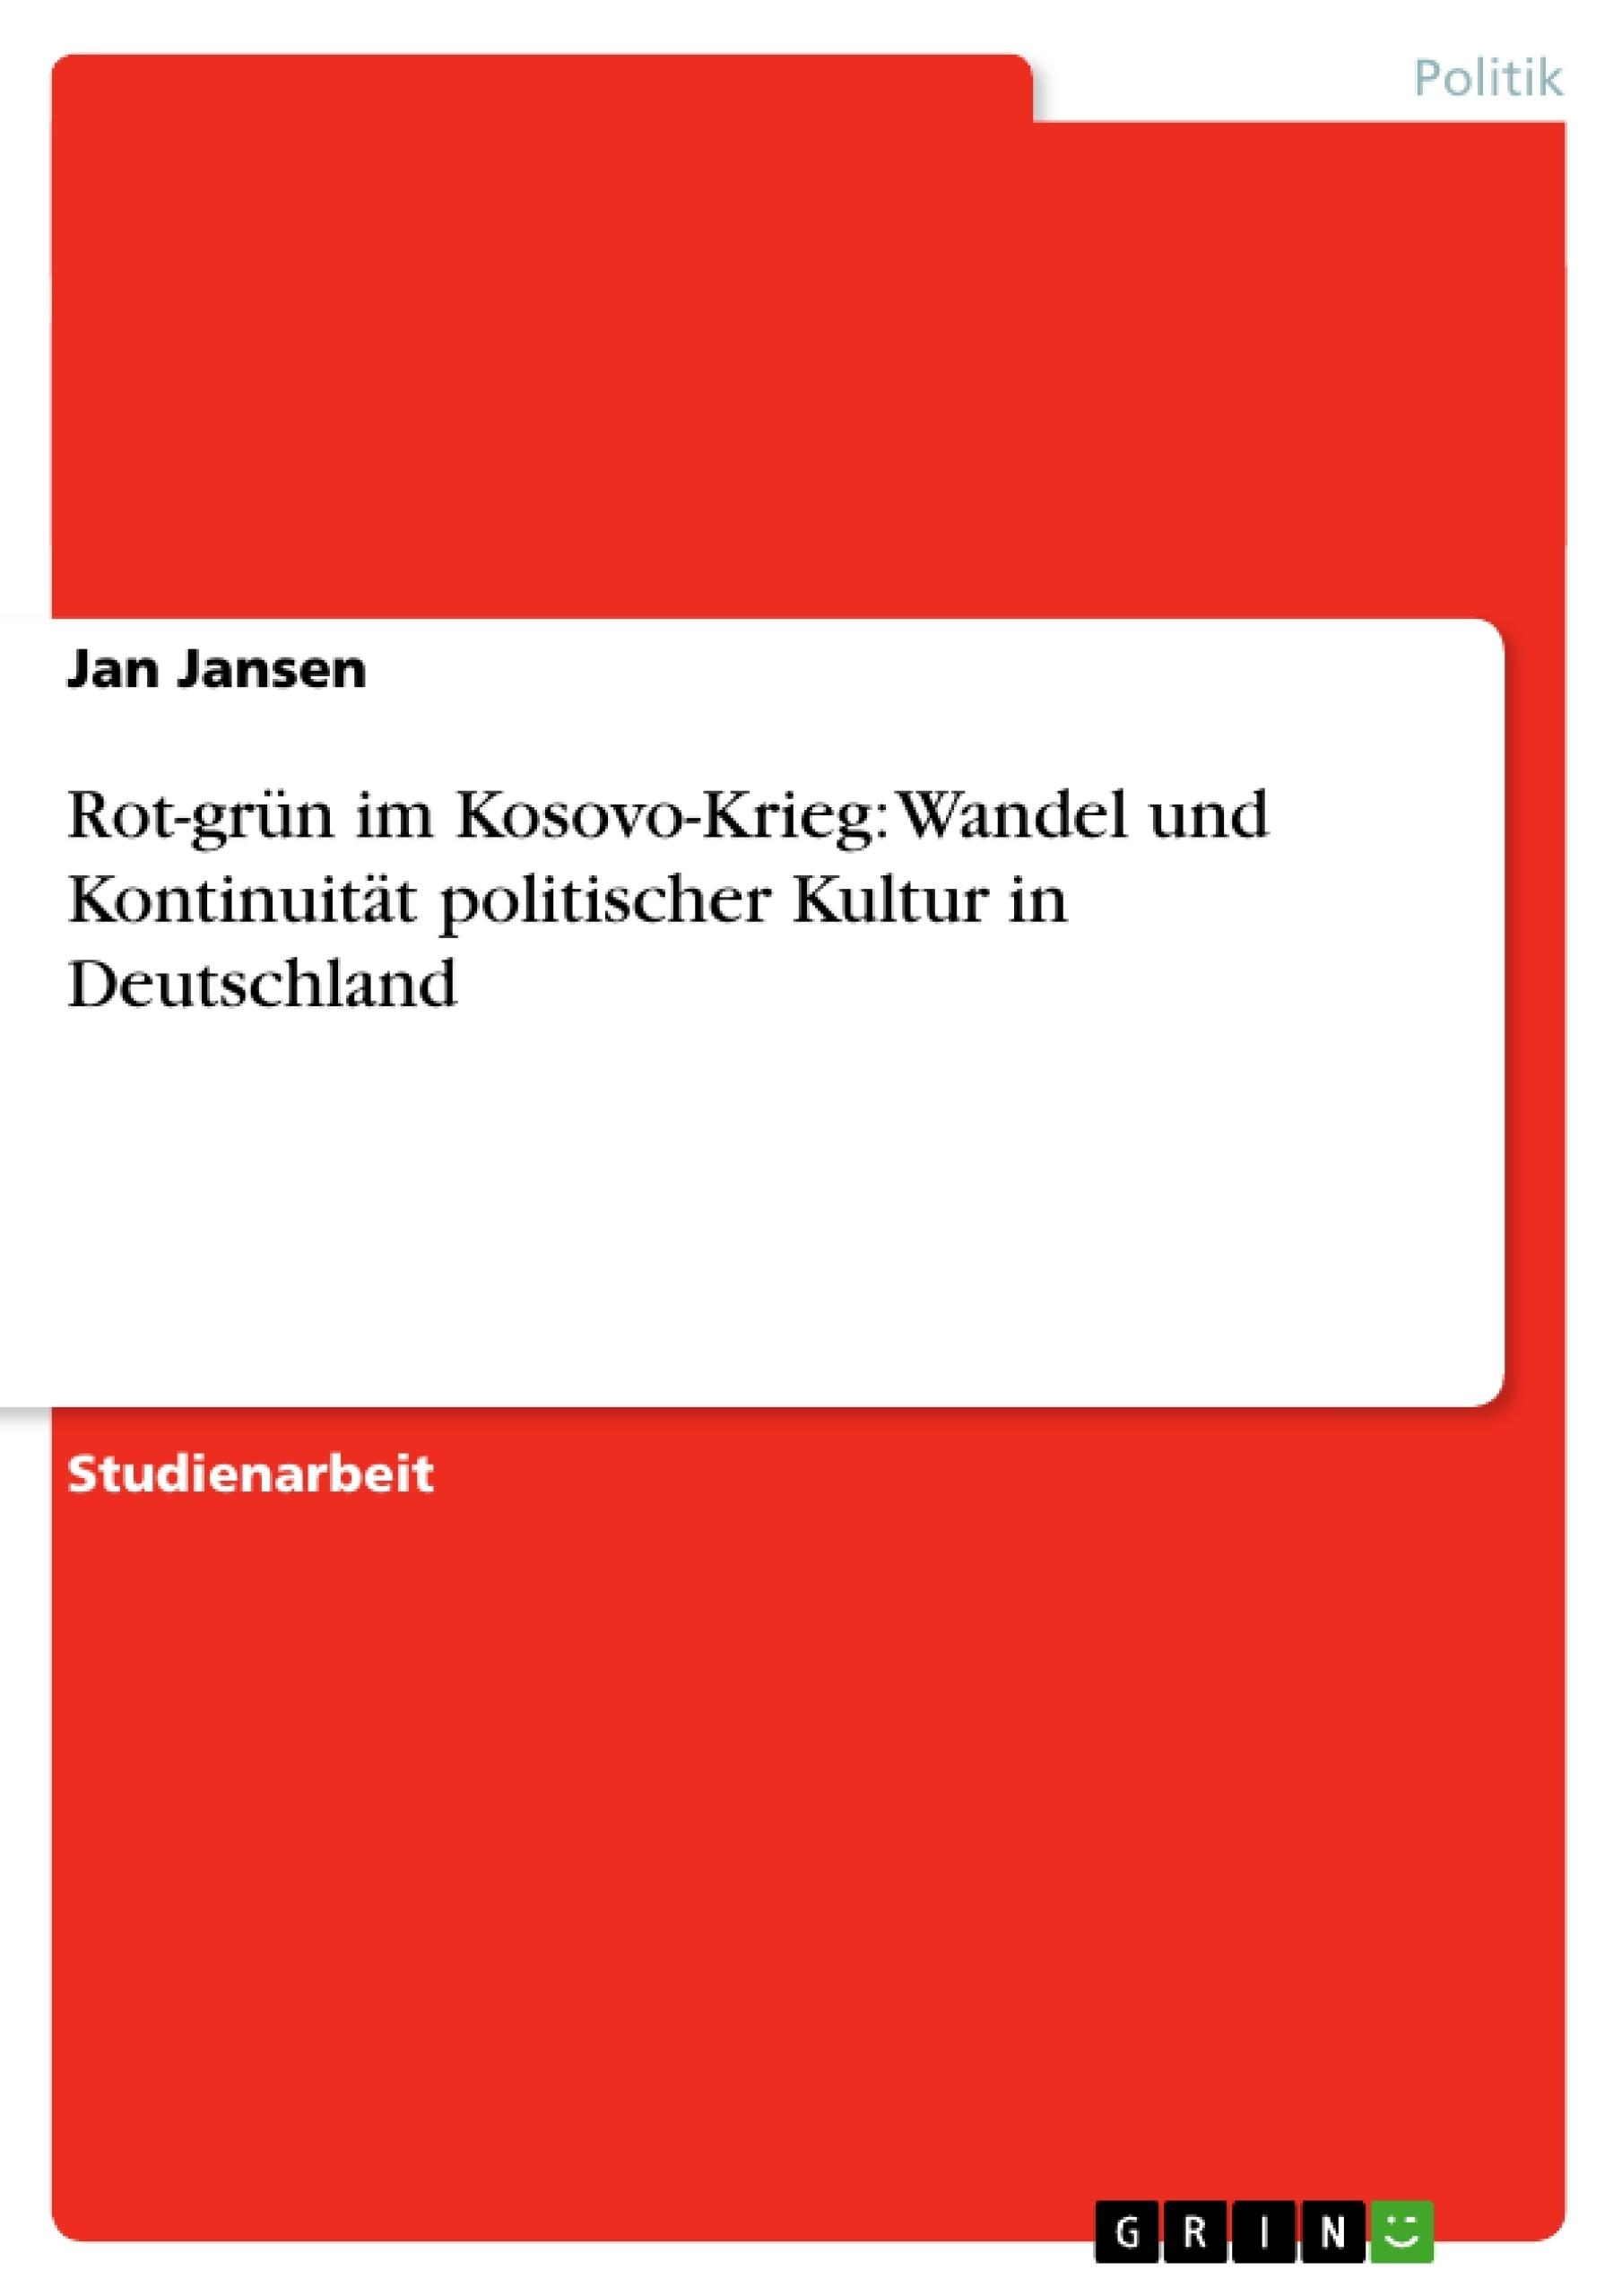 Titel: Rot-grün im Kosovo-Krieg: Wandel und Kontinuität politischer Kultur in Deutschland